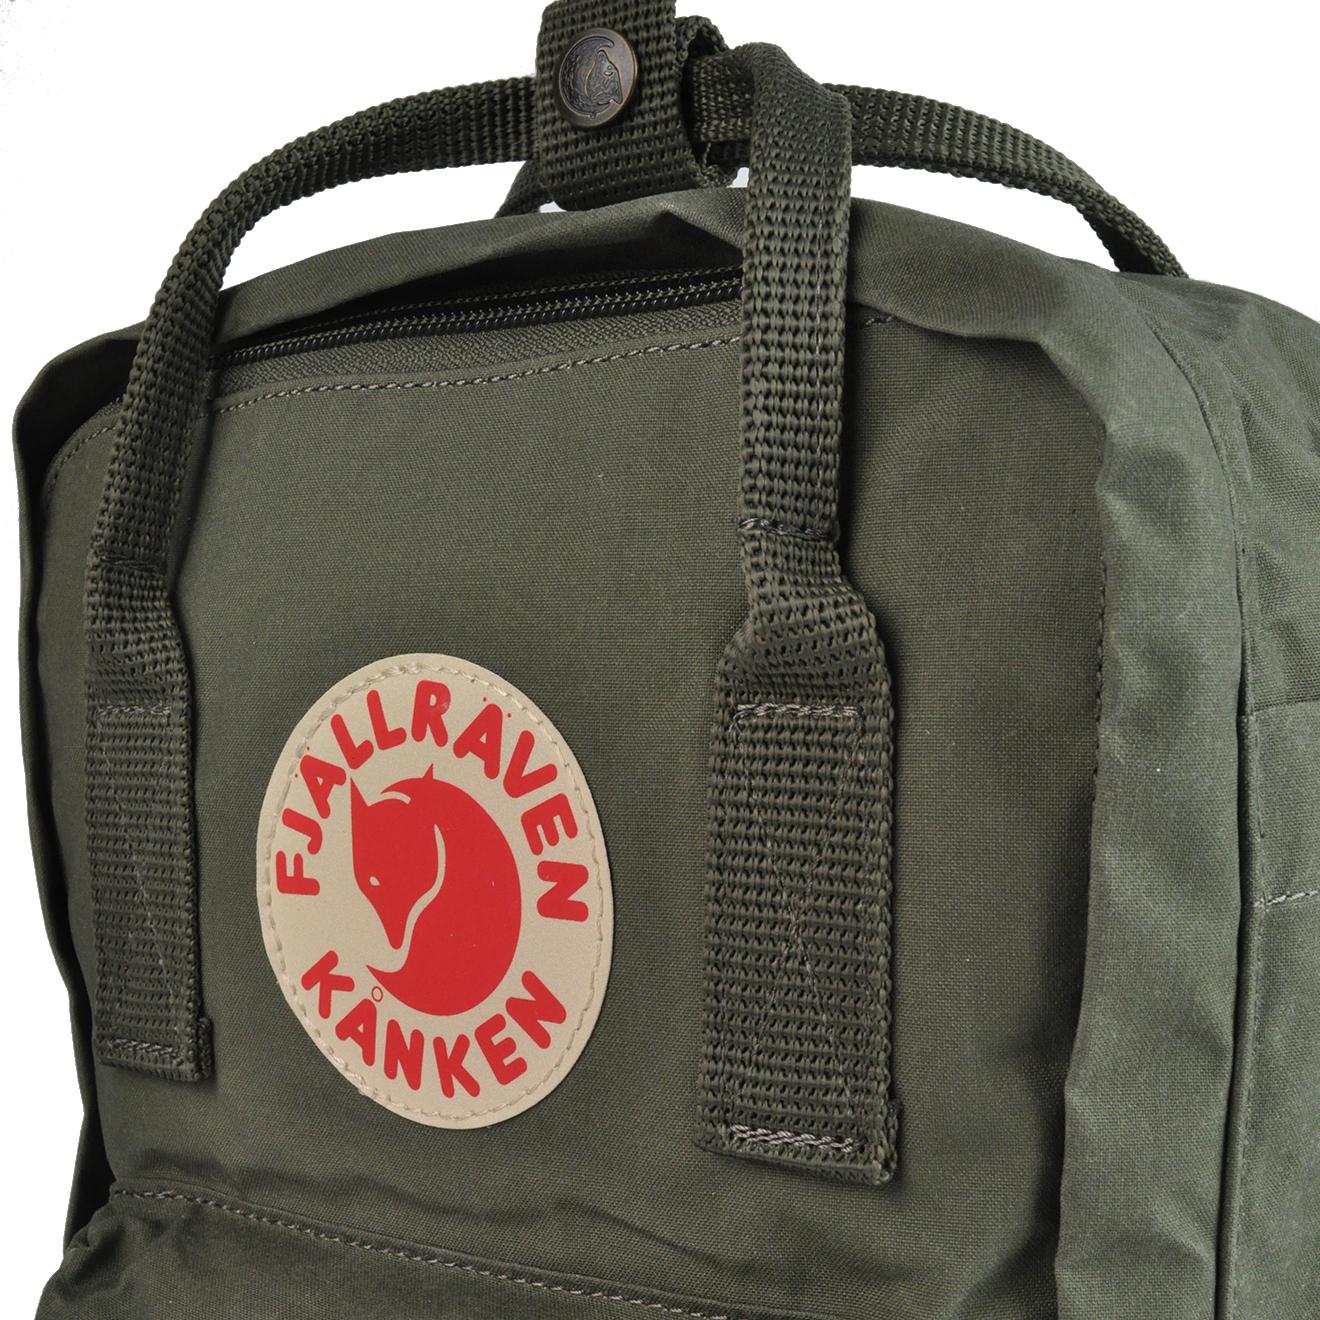 Fjallraven Kanken Forest Green Mini Backpack Black Ox Red Backpackscom